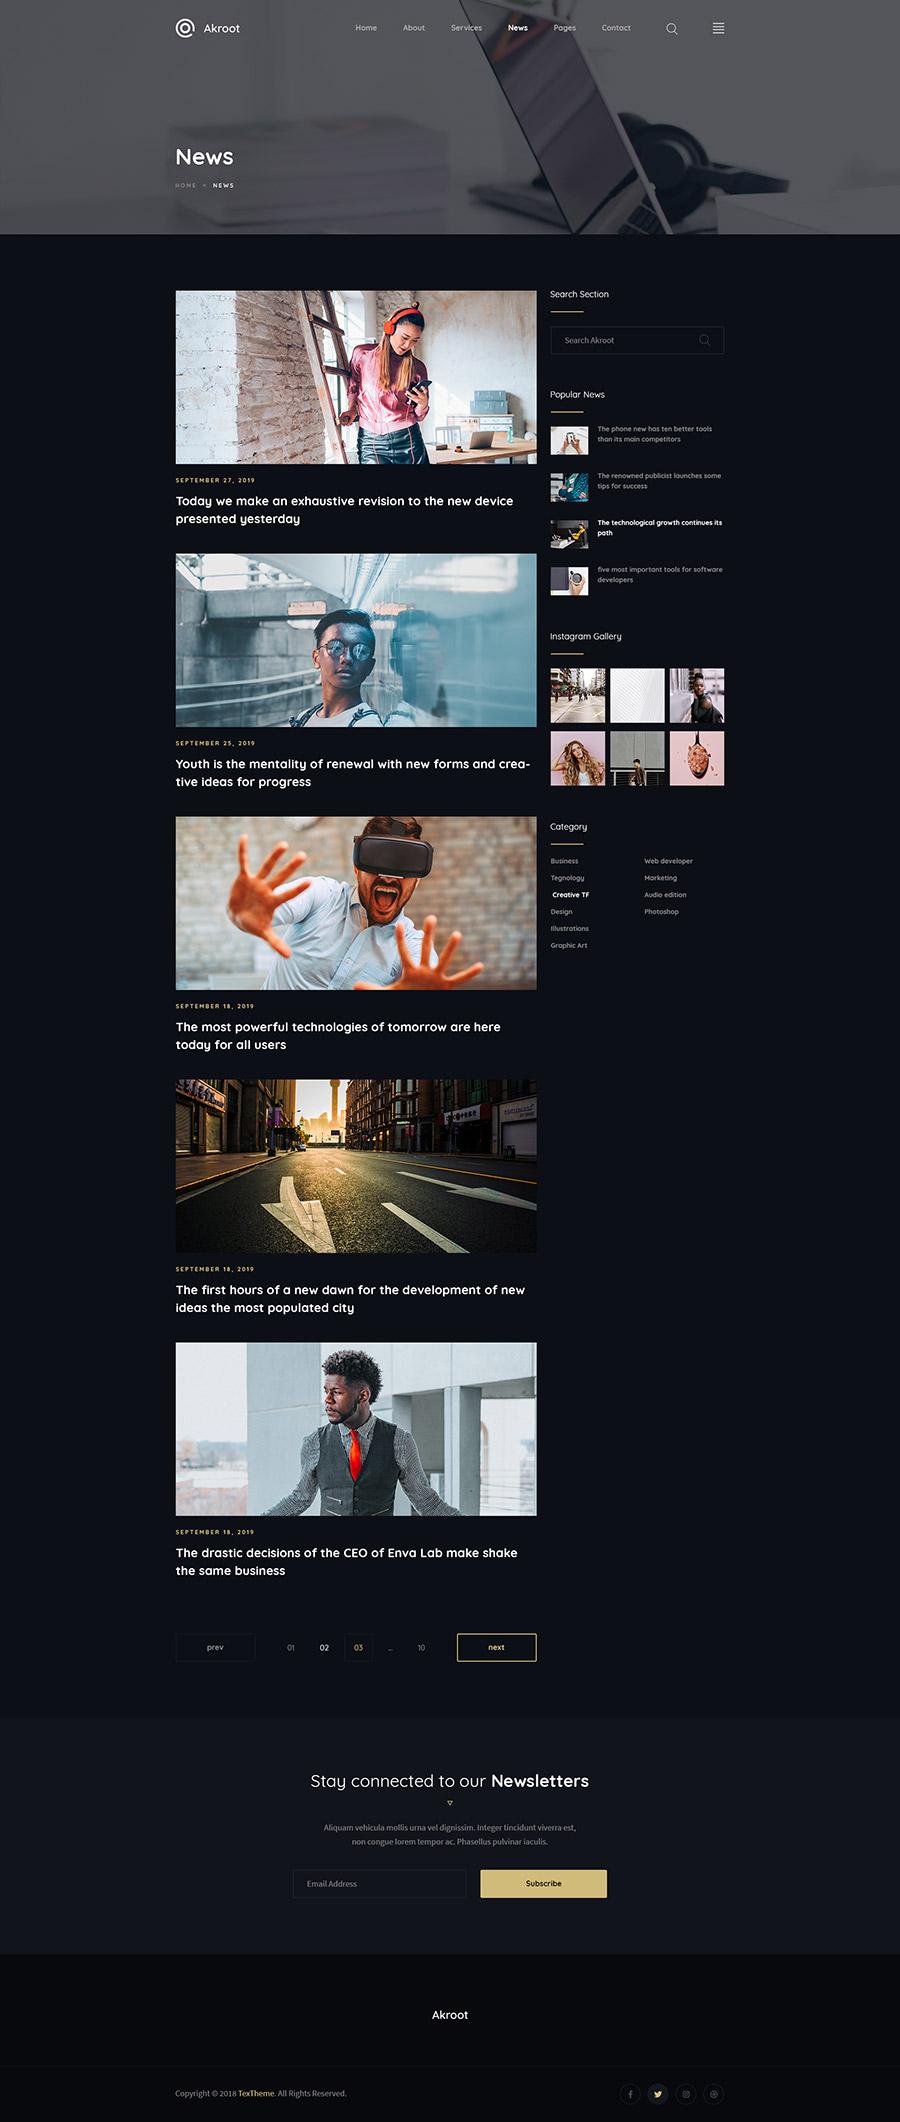 现代专为专业机构和企业设计的高端的高品质PSD网站设计模板akroot-it-is-the-multi-purpose-creative-psd